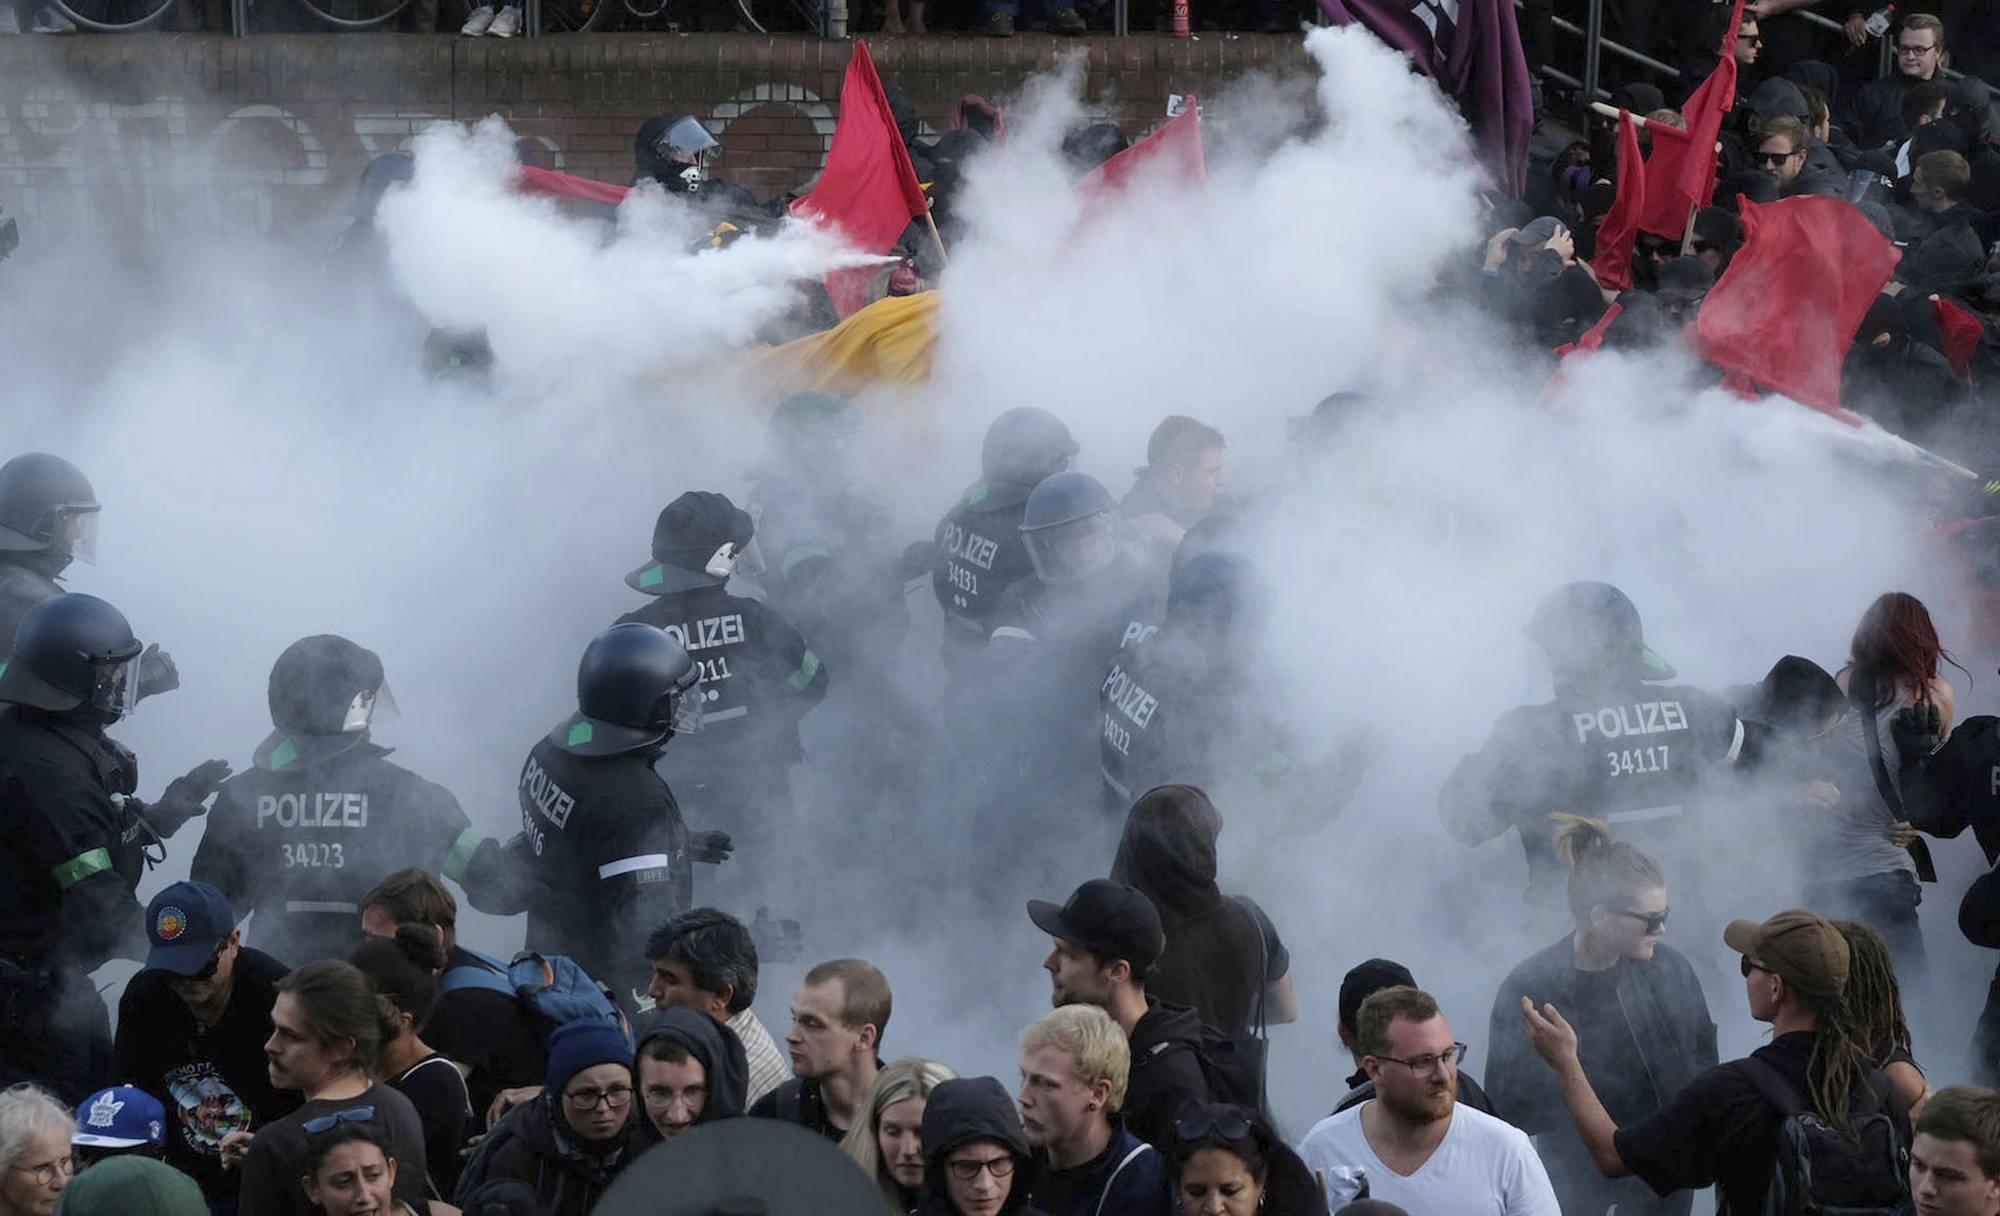 Las autoridades intentaron controlar las protestas con chorros de agua y gases lacrimógenos. / AP